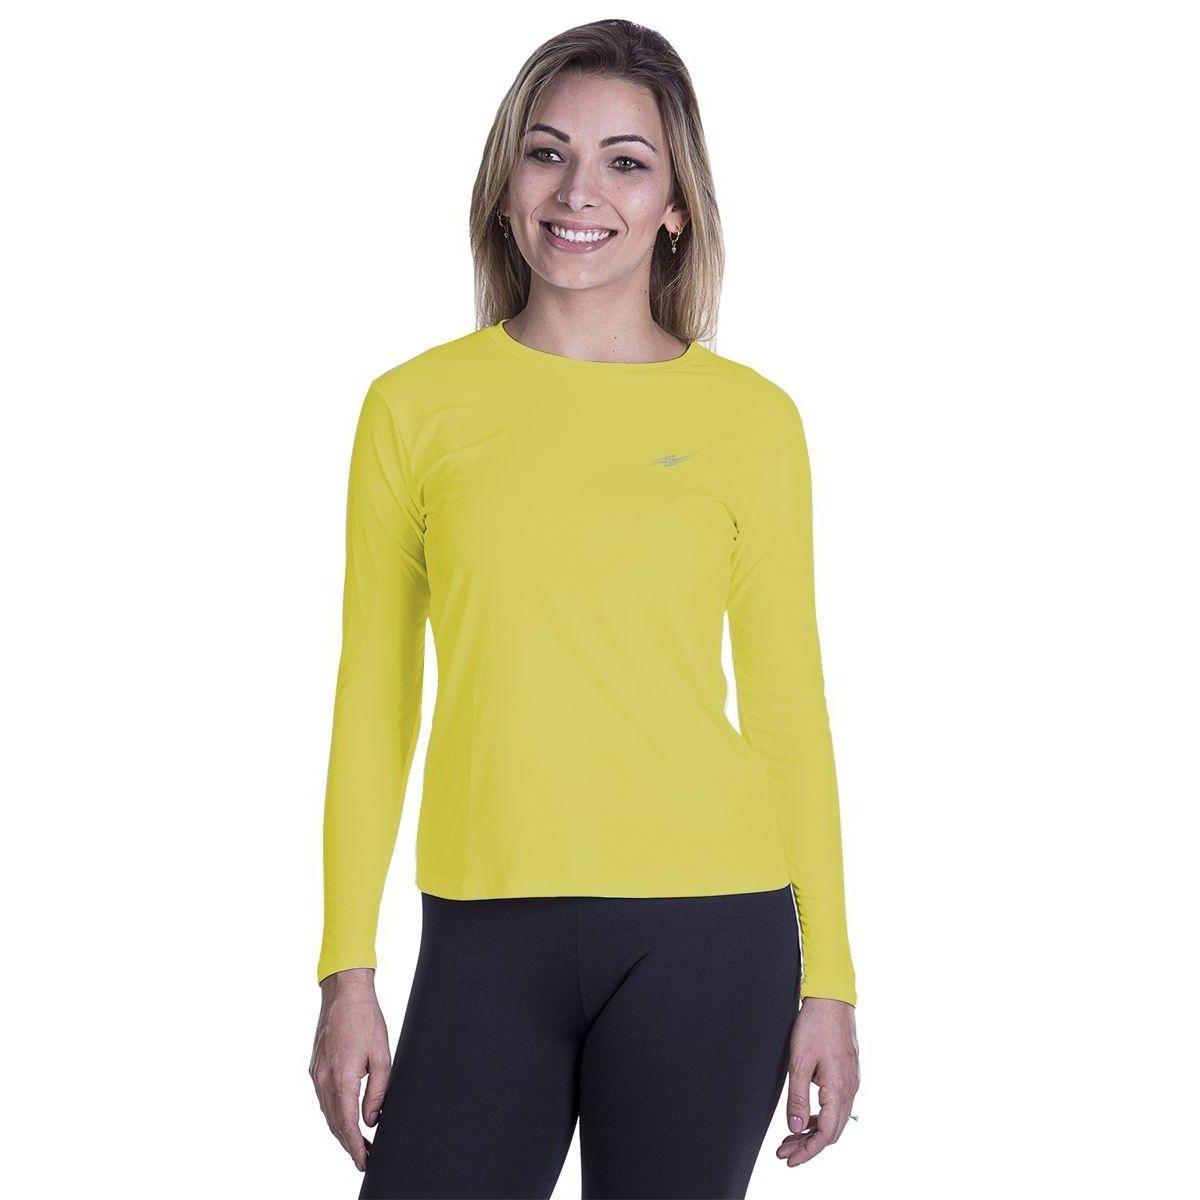 Proteção Camiseta Proteção Camiseta UV Amarelo UV Proteção Camiseta Amarelo Amarelo Camiseta UV AqYAxX